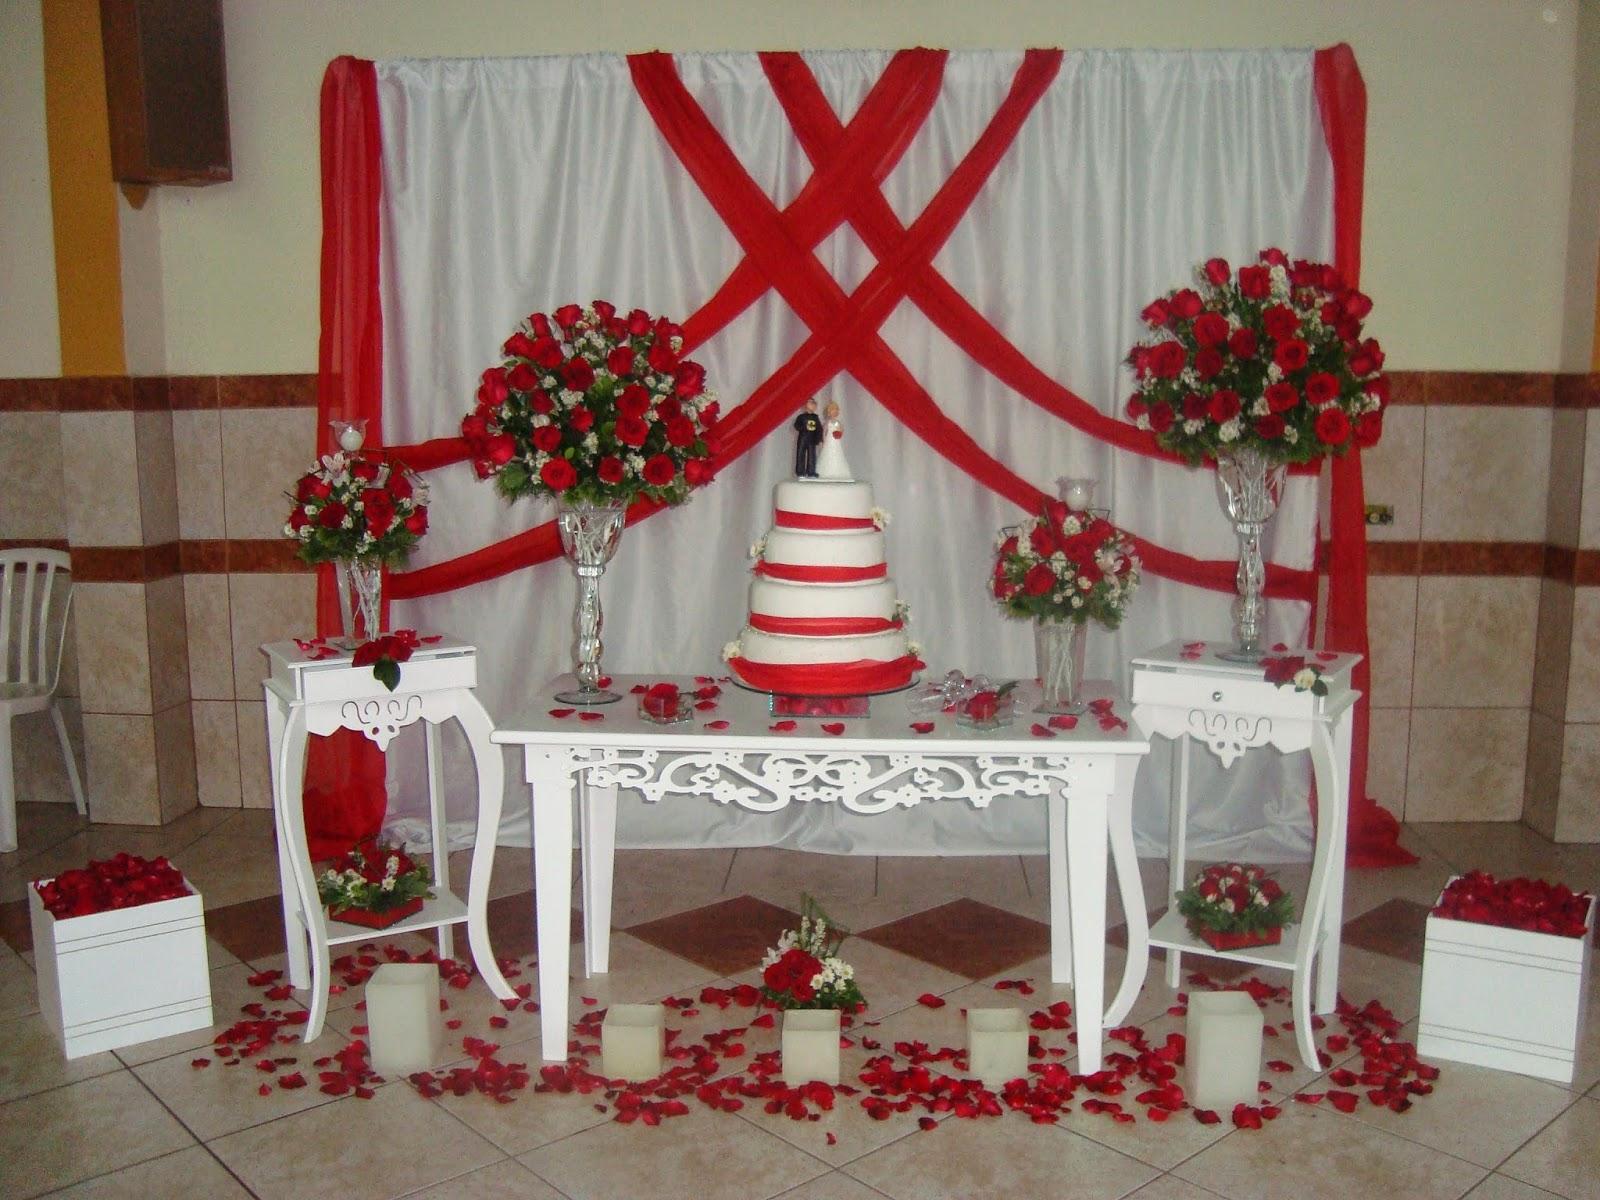 ... de casamento vermelho e branco # decoracao festa branco e vermelho